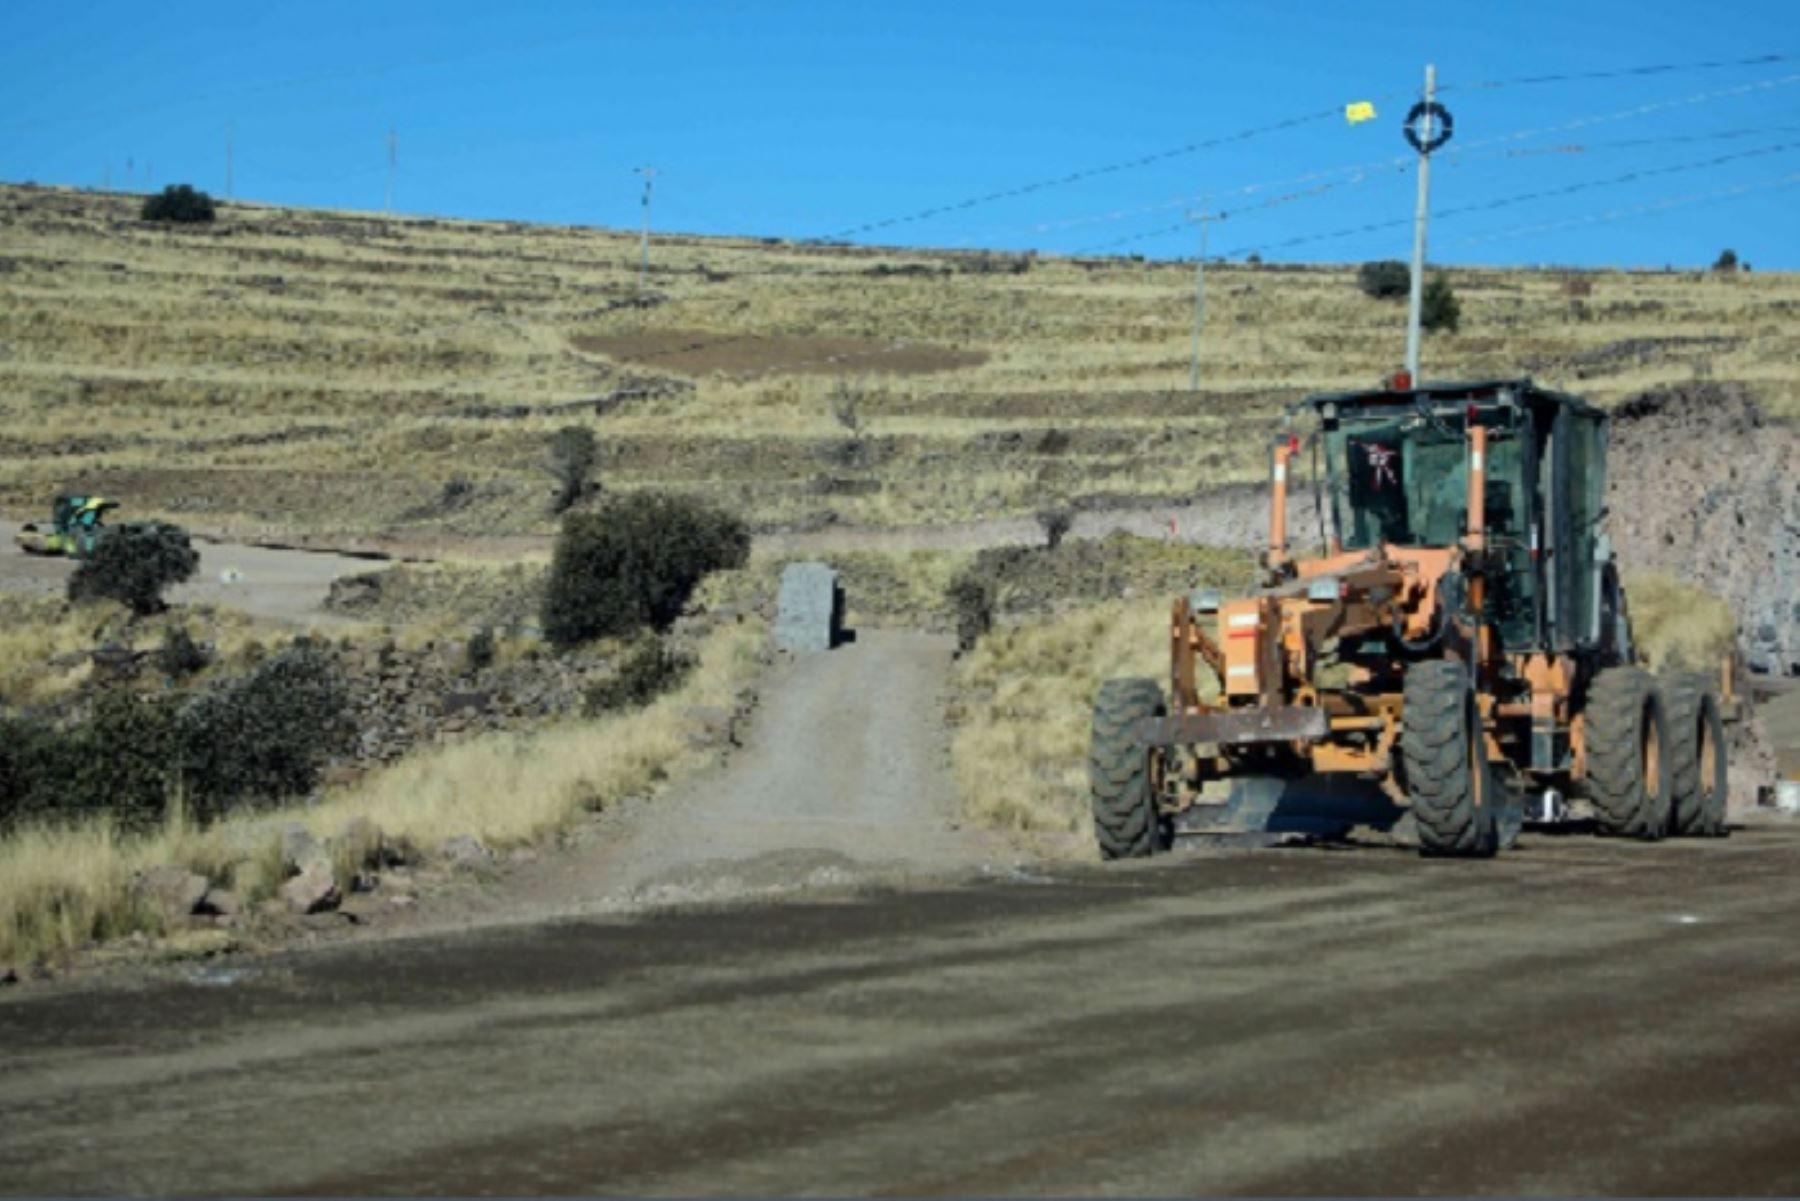 Al brindar mantenimiento y mejorar las vías en todas las regiones del país, también se ha logrado mejorar el traslado de productos agrícolas hacia los mercados de abastos.